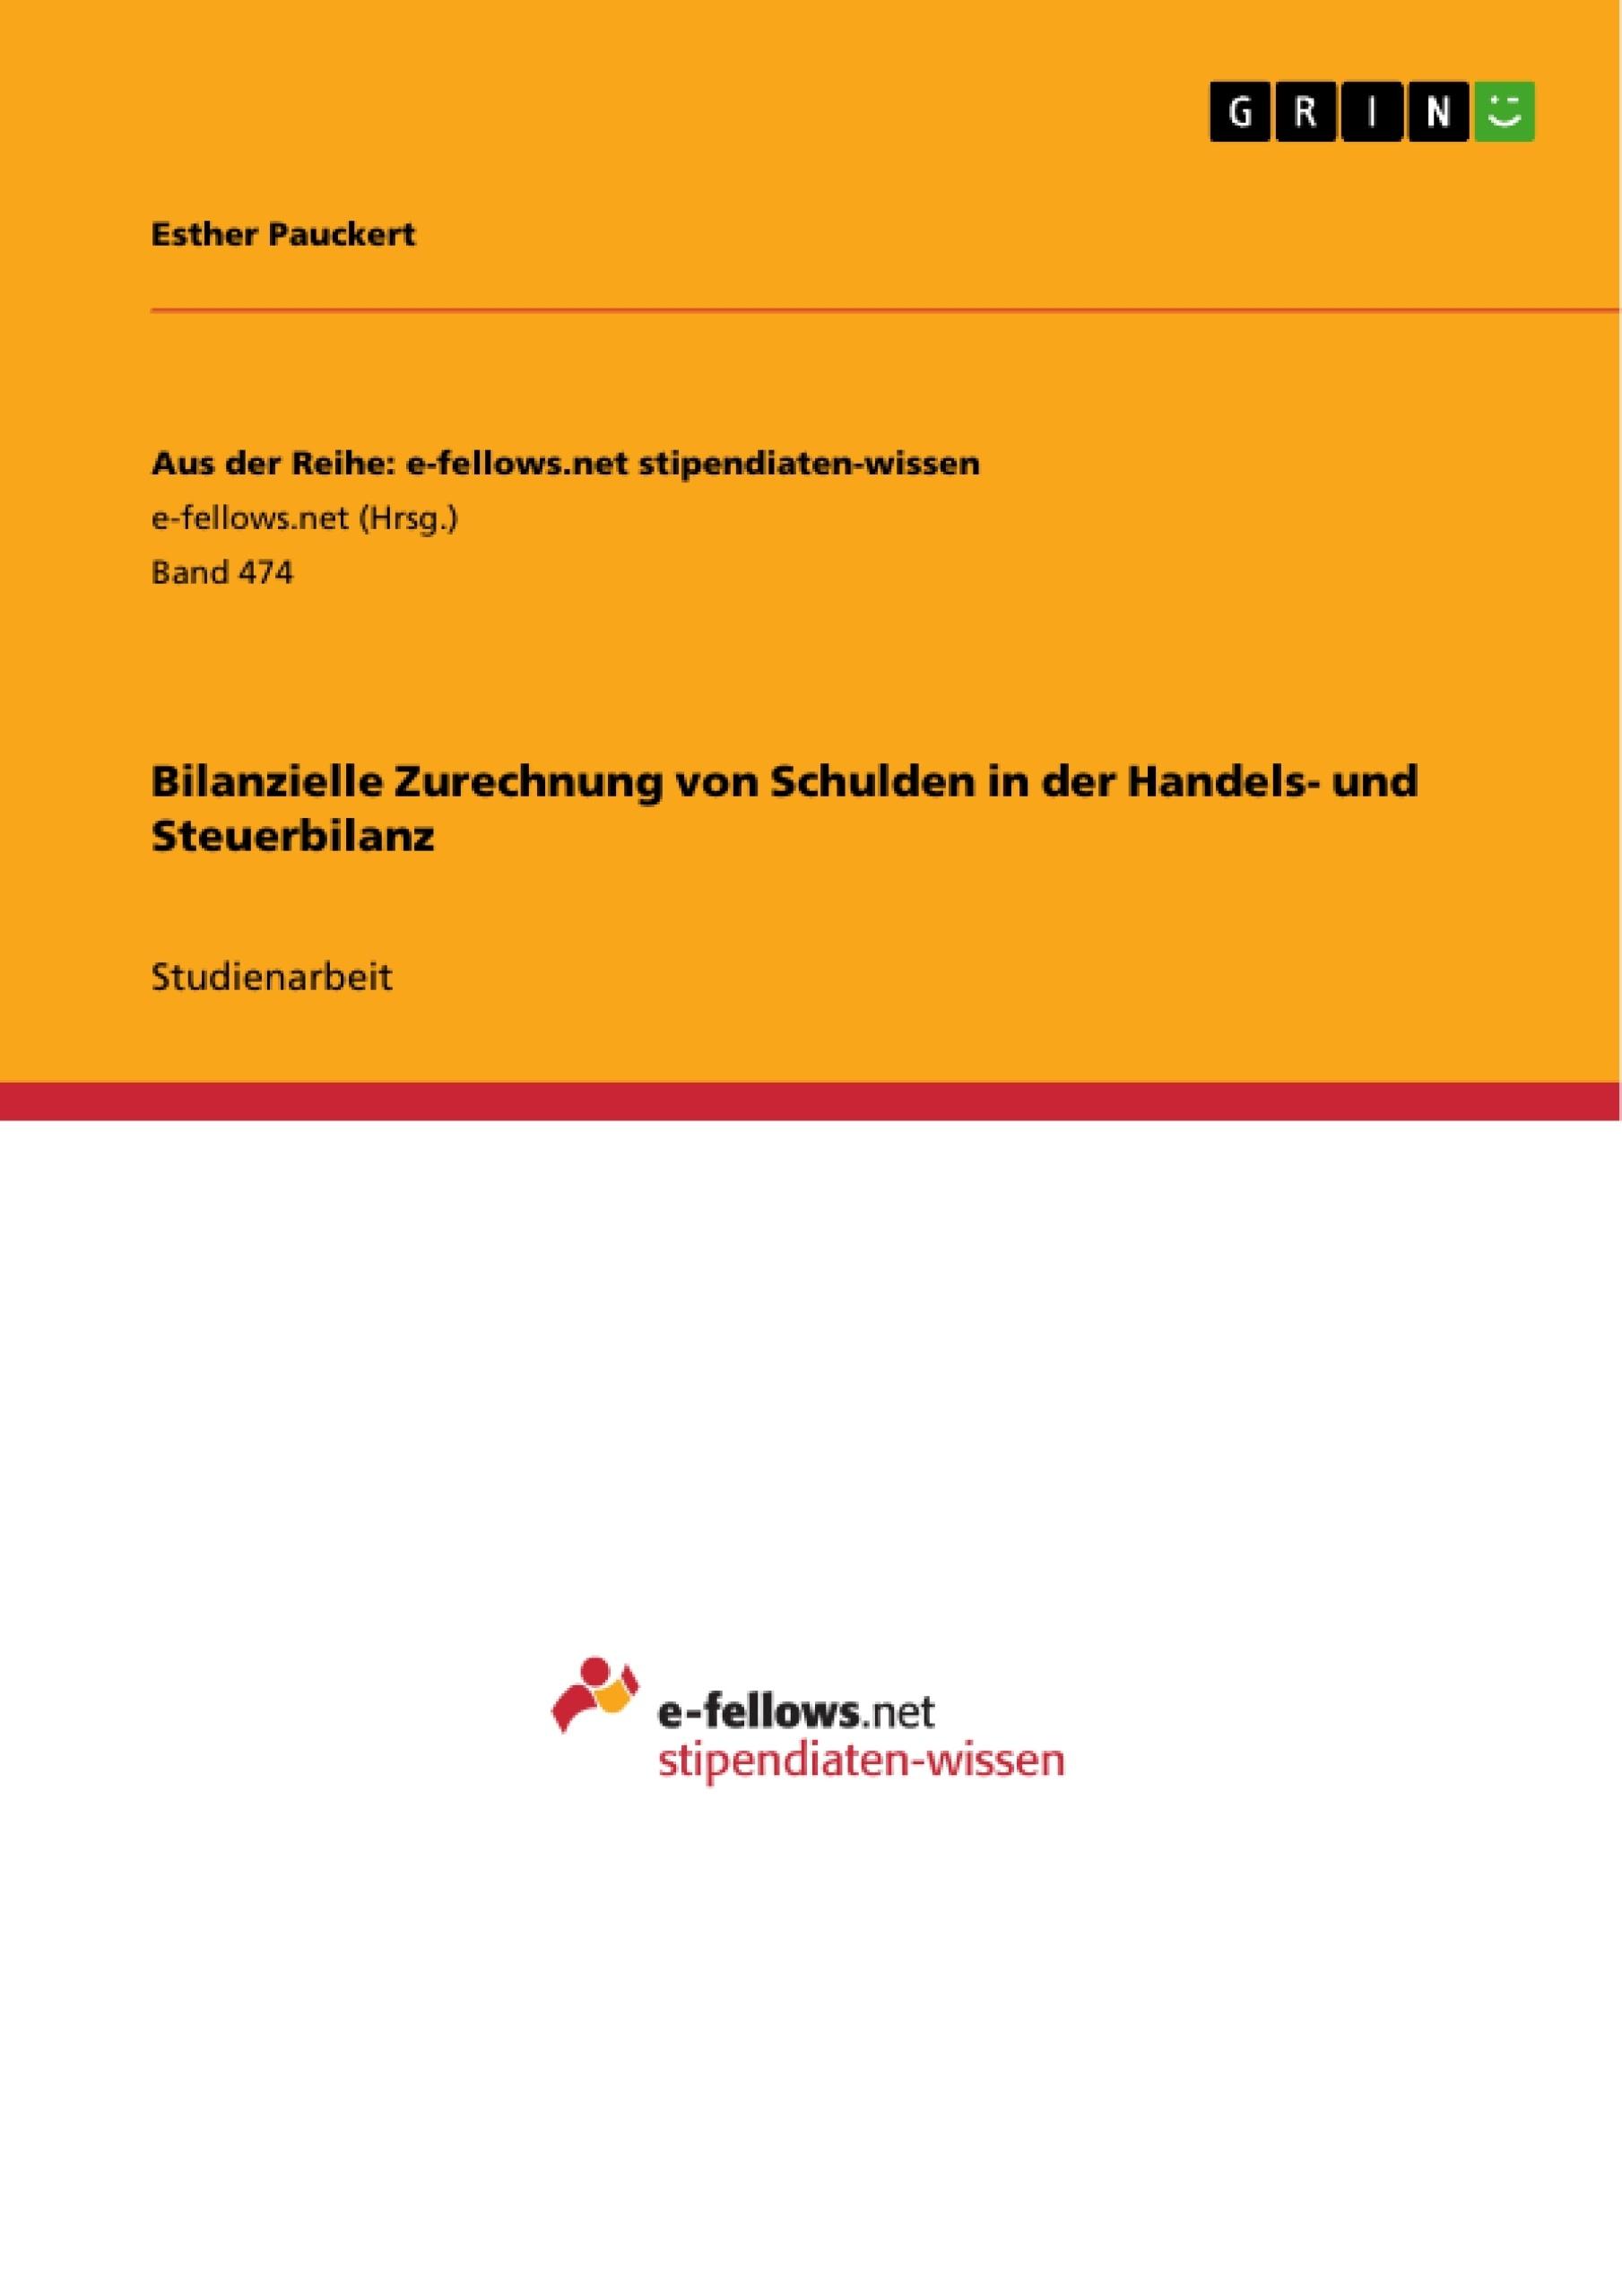 Titel: Bilanzielle Zurechnung von Schulden in der Handels- und Steuerbilanz